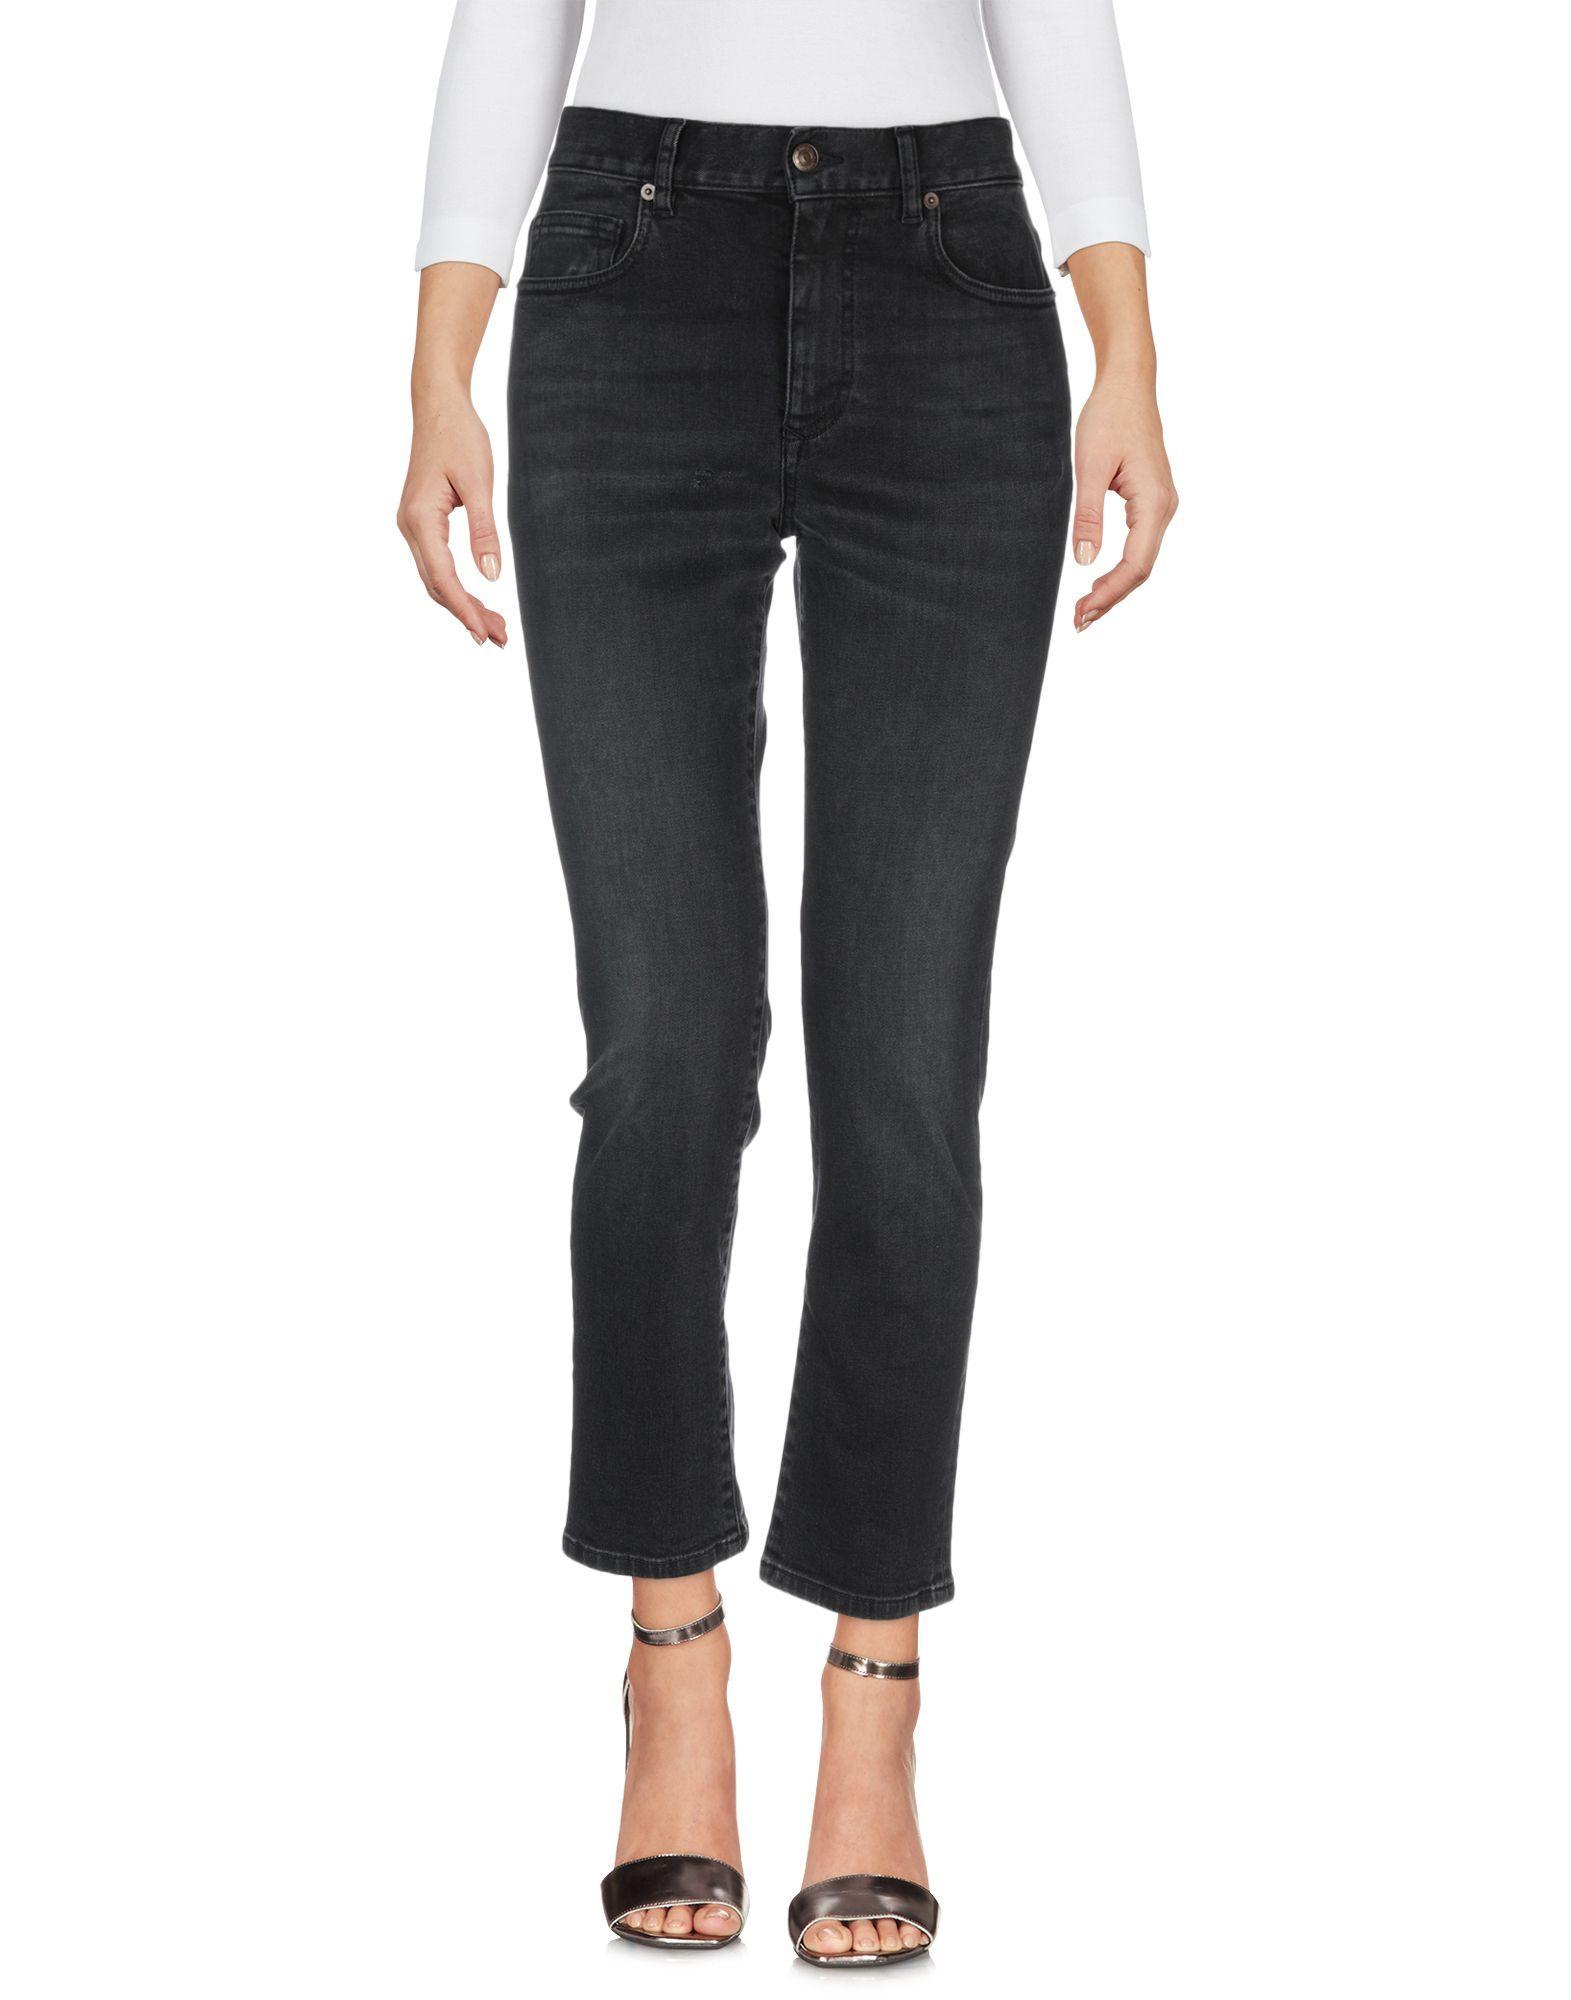 Mauro Grifoni Black Cotton Jeans